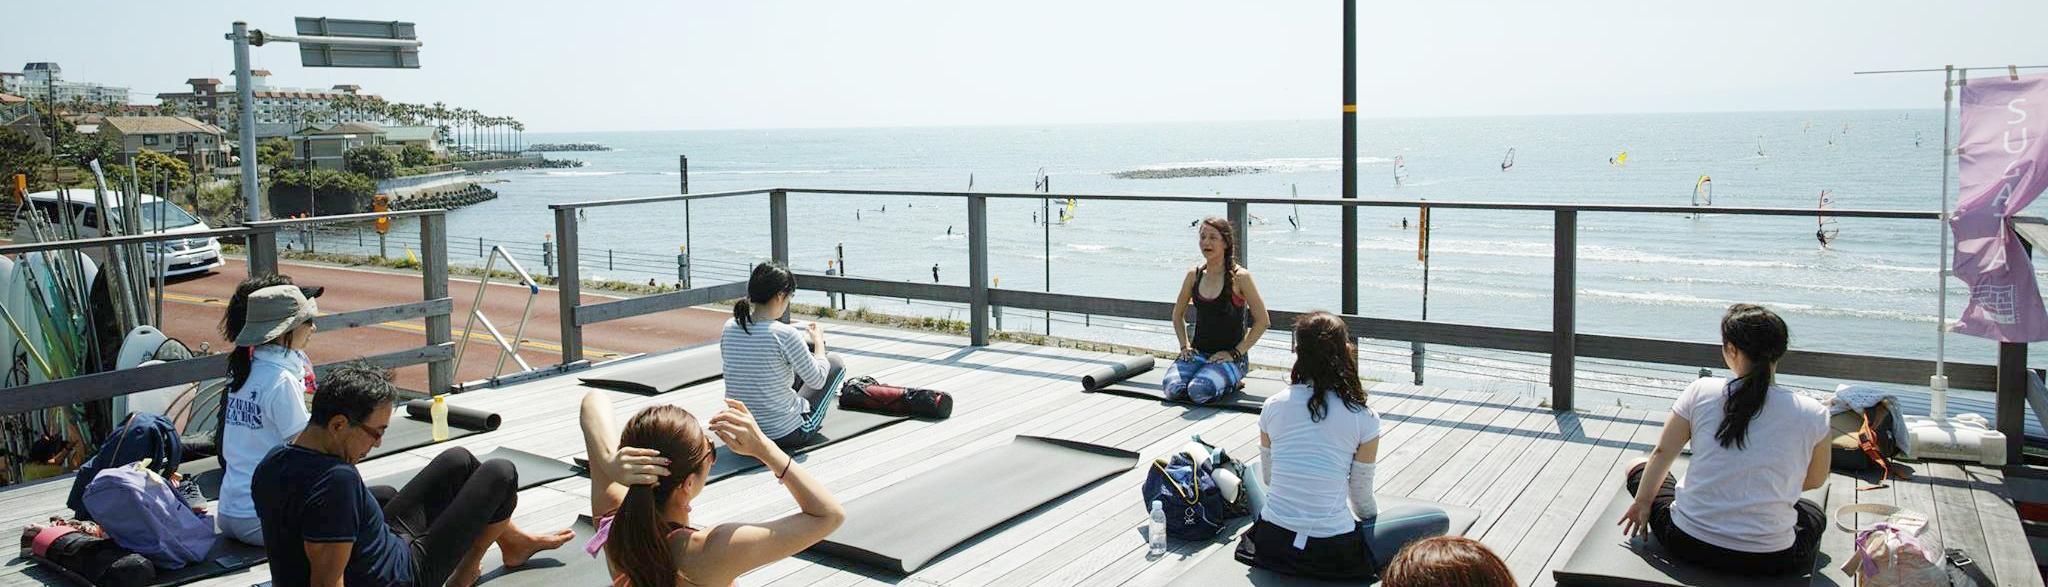 InNature-facility-sugata-retreats-kamakura.jpg